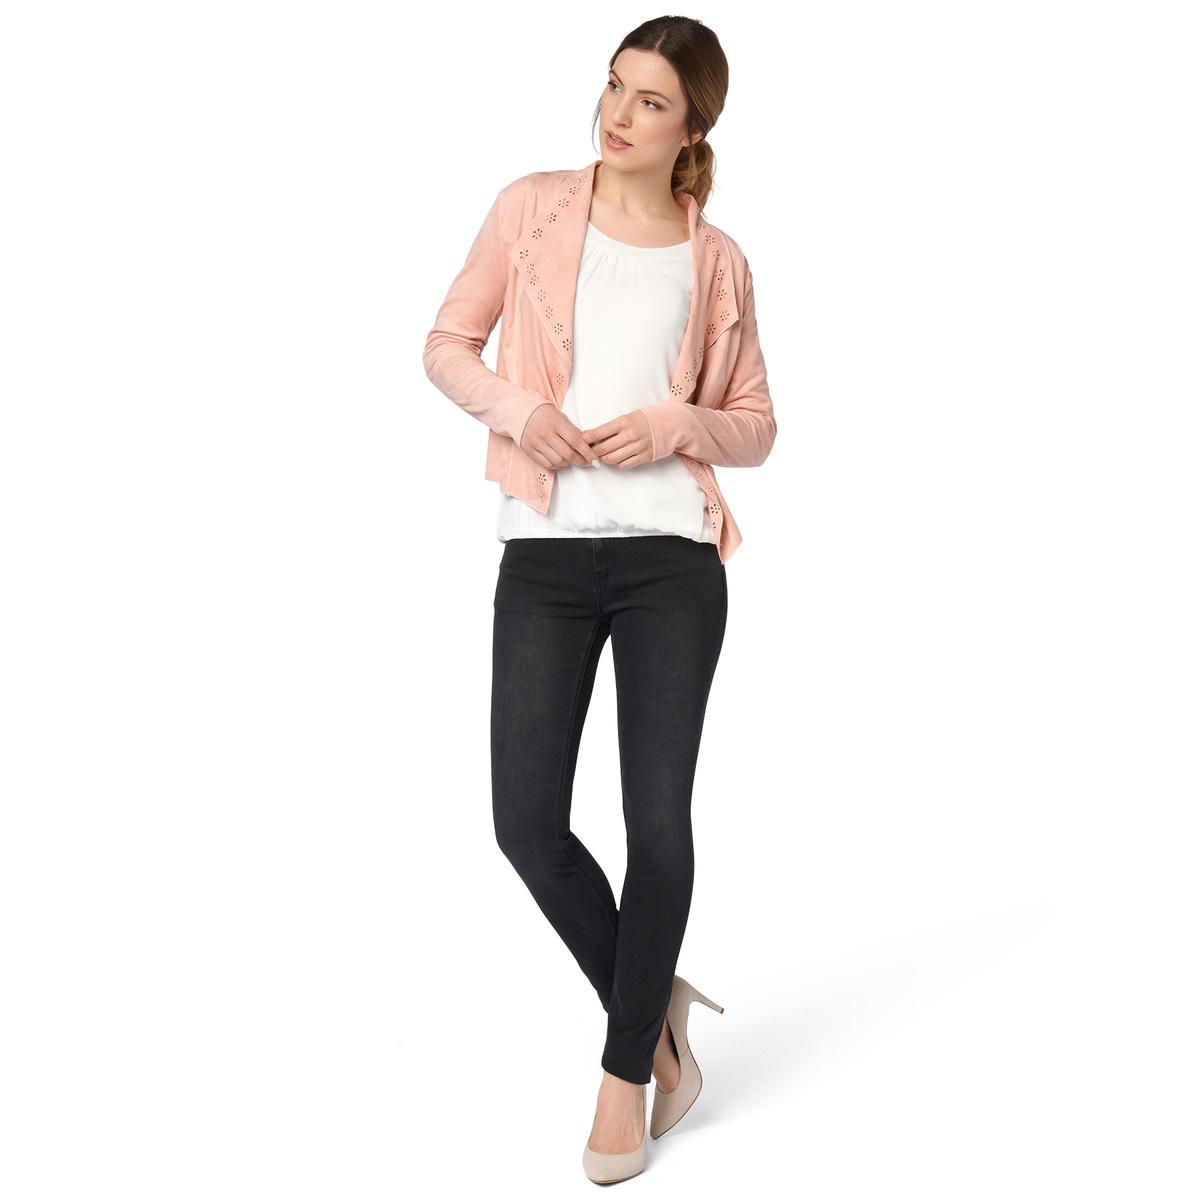 Jacke aus weichem Alcantara in rose parfait